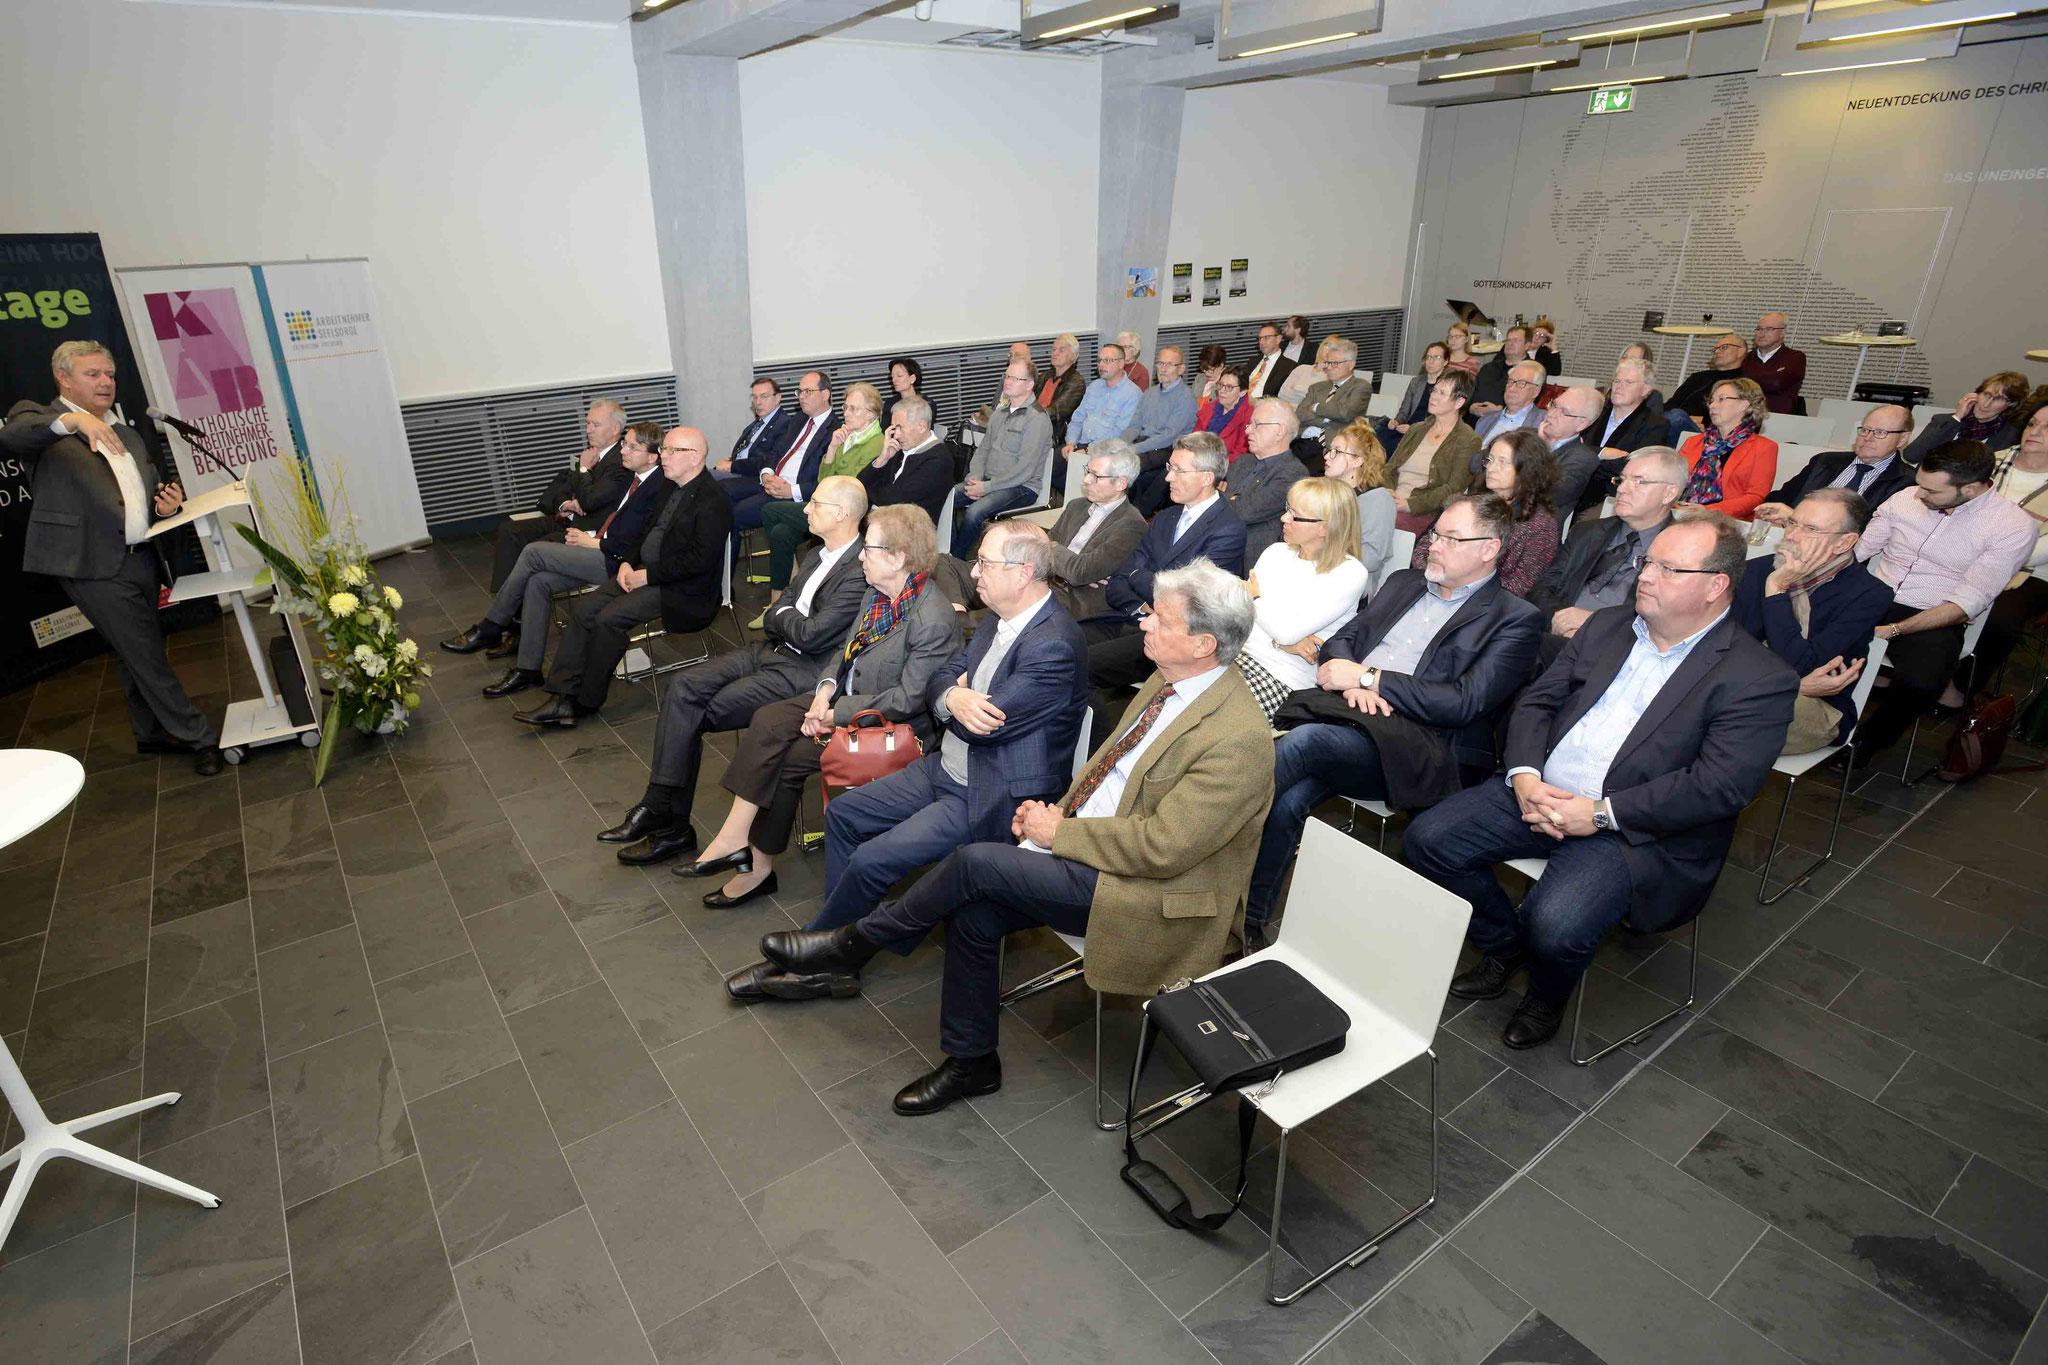 v.l. n.r. Prof. Dr. Braun, R. Kininger mit Frau, Dr. Hausotter, Körner, Gröpl, Christoph Reifferscheid (Präsident Bildungszentrum der Bundeswehr), Bild: Copyright by Helmut G. Roos